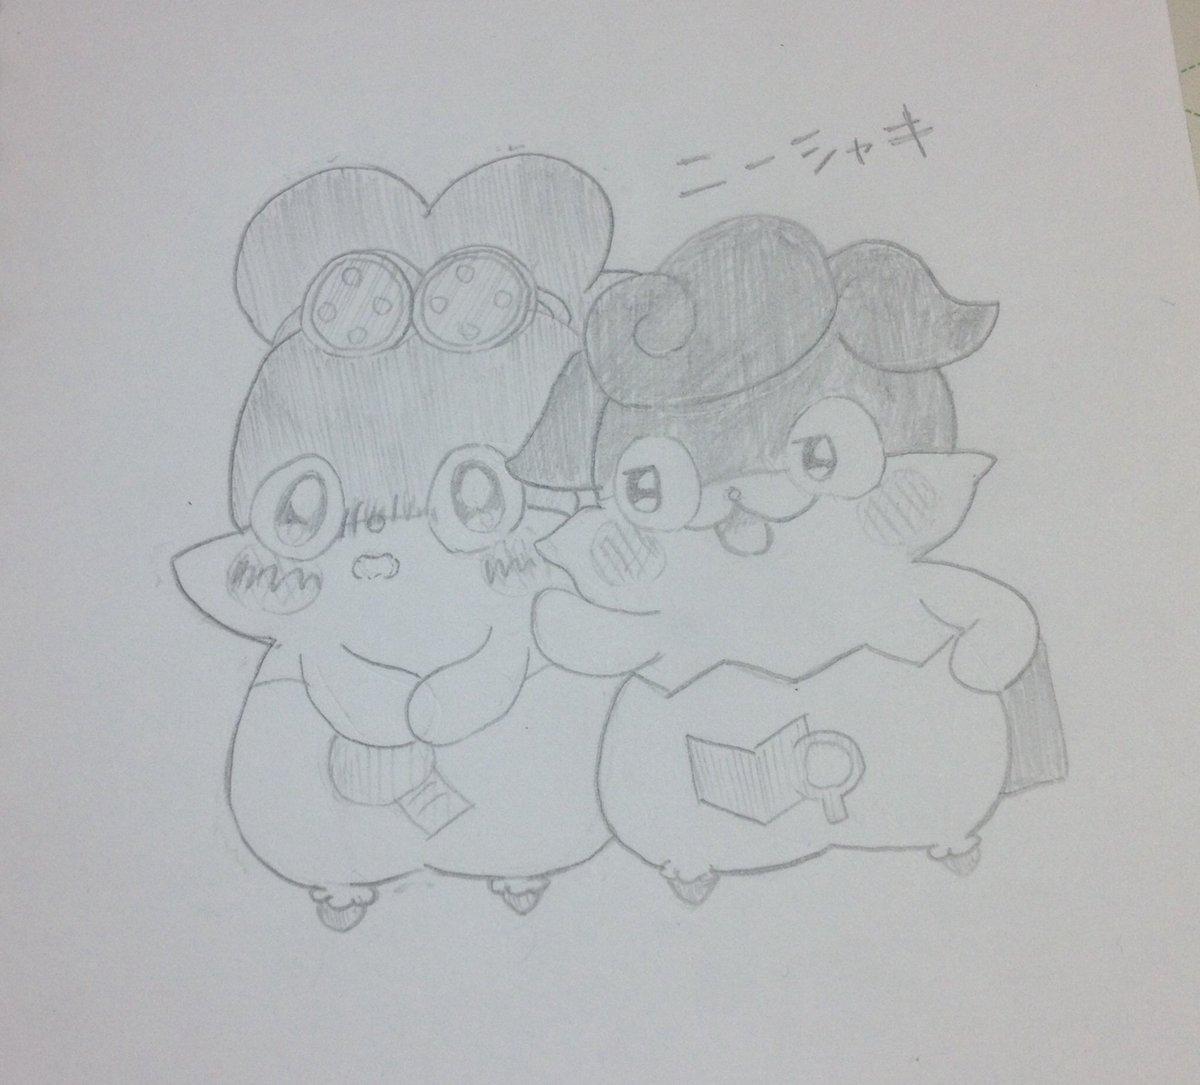 ここたまのニーシャキ描いた!!!